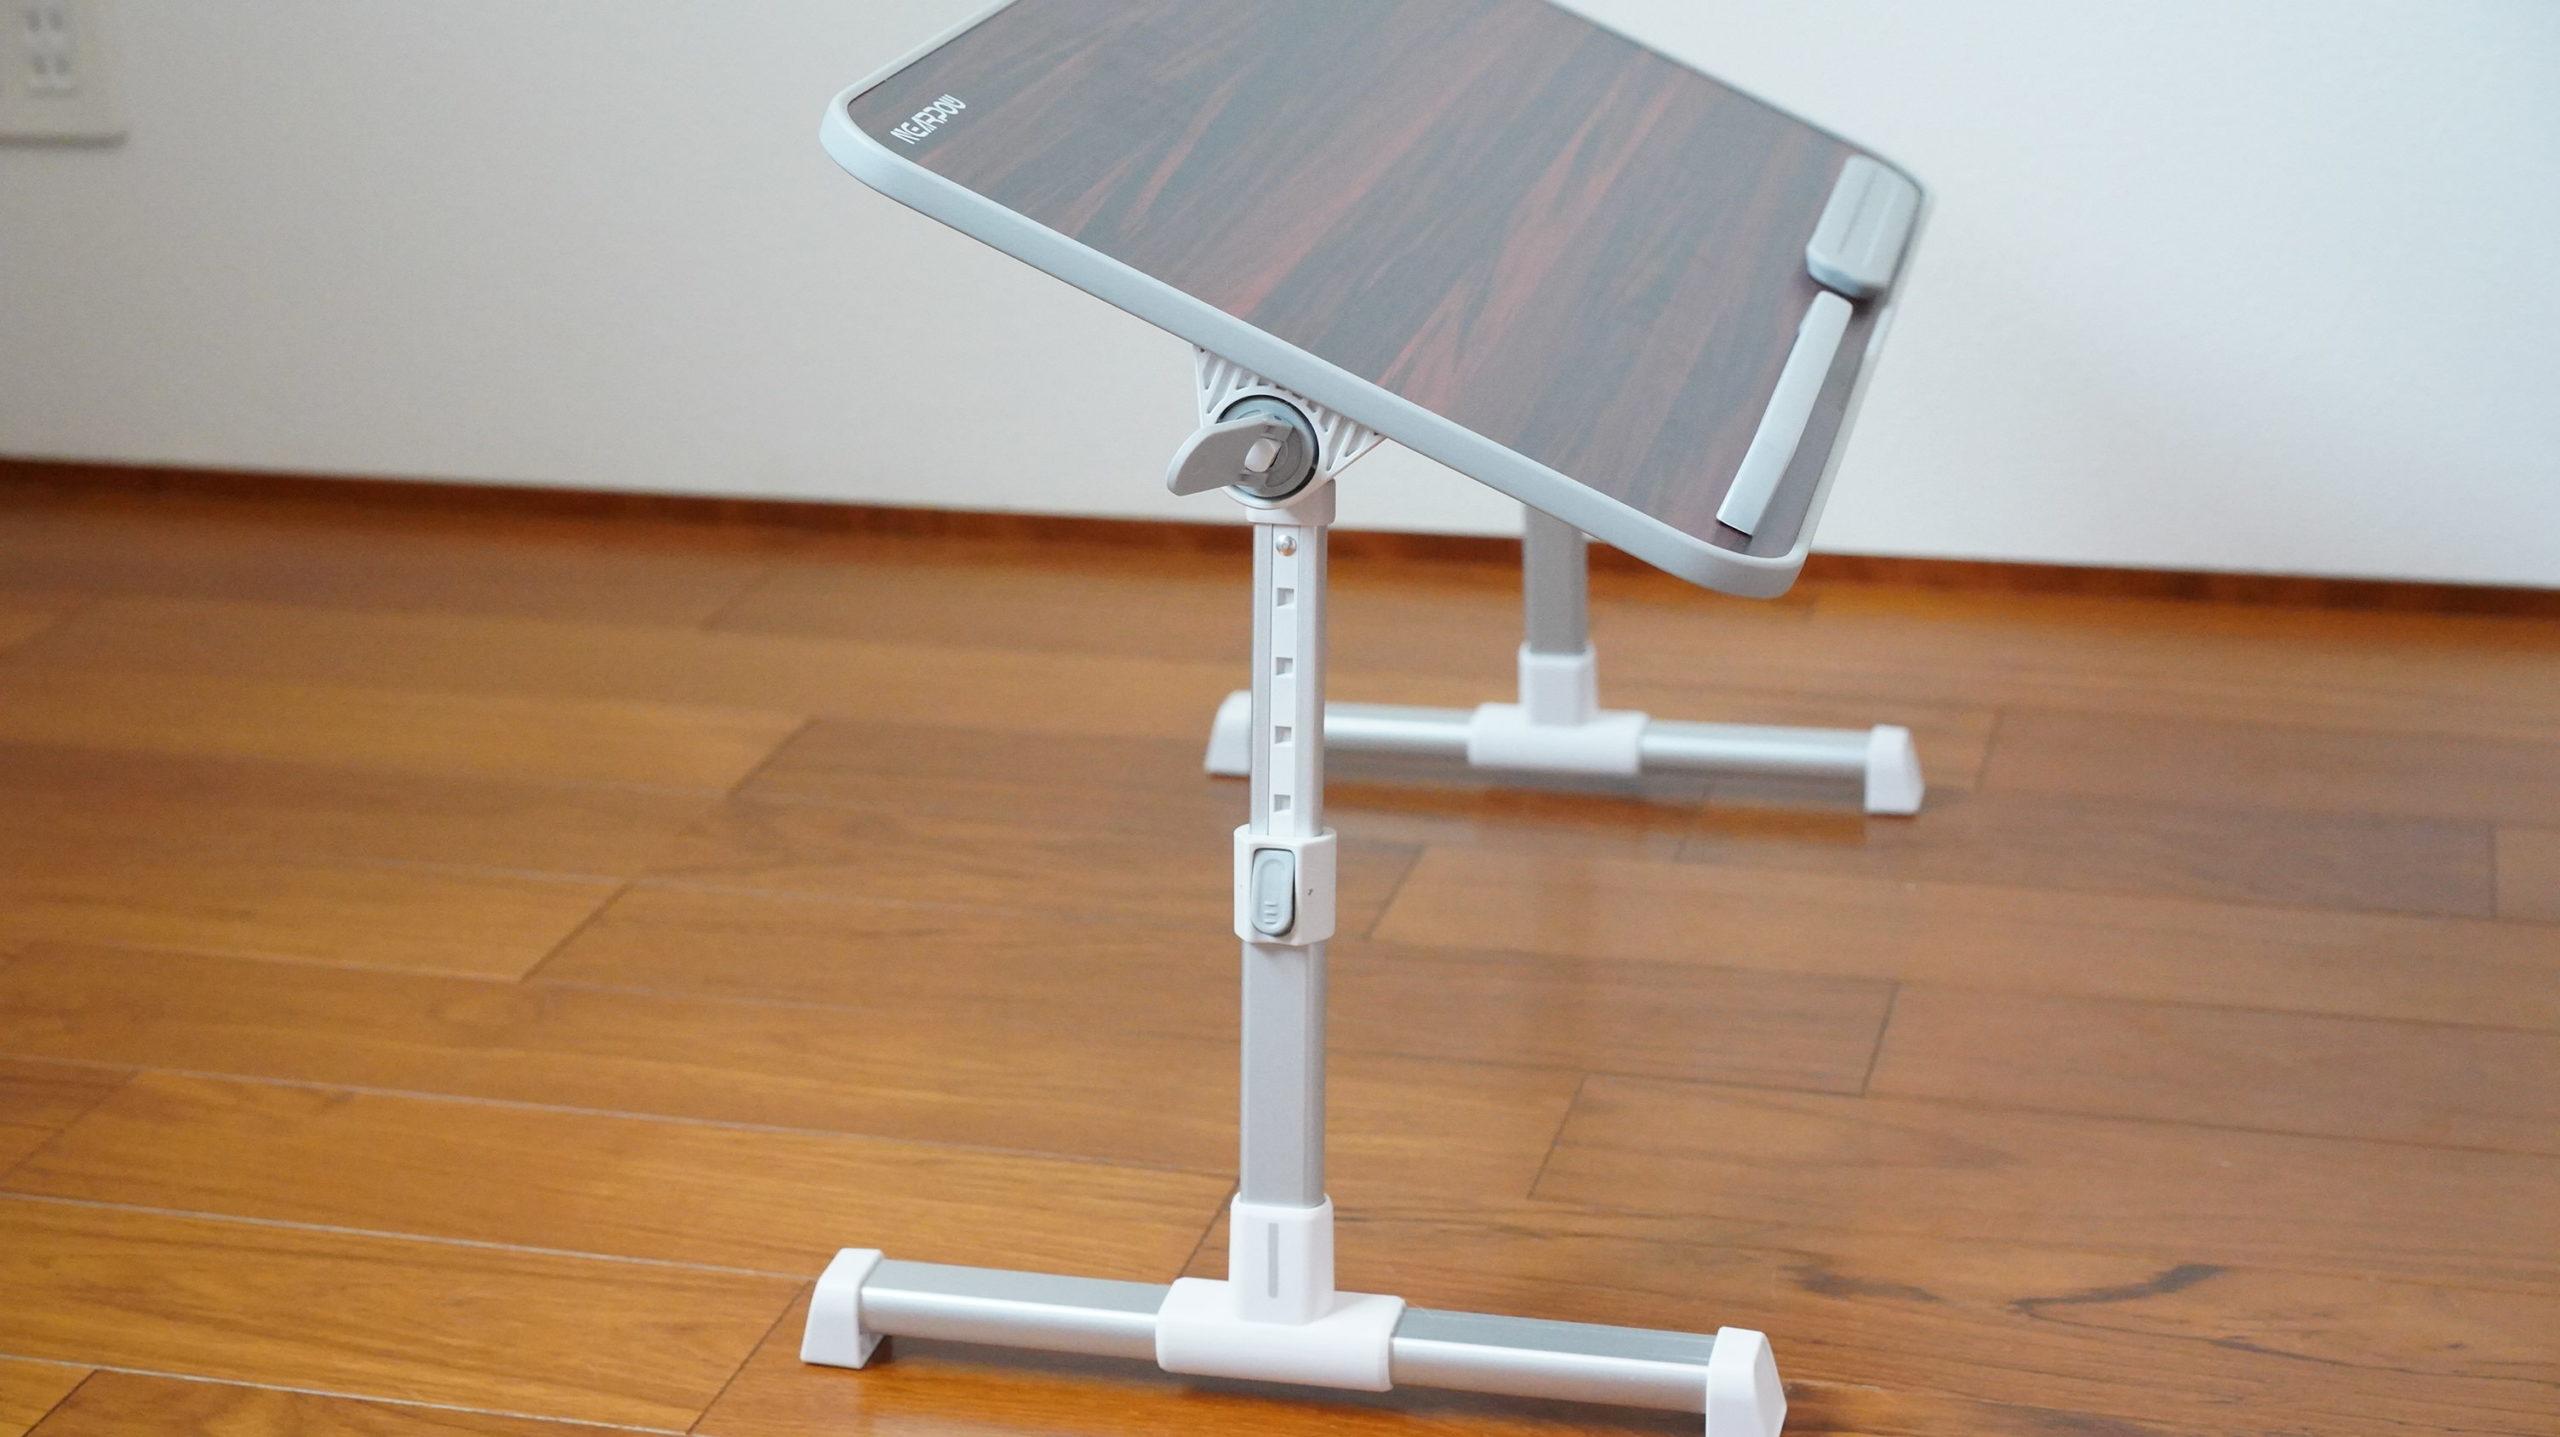 ソファやベッドでパソコン(ノートPC)の作業を姿勢良く行い、膝での作業をなくす最適なテーブル・スタンド14